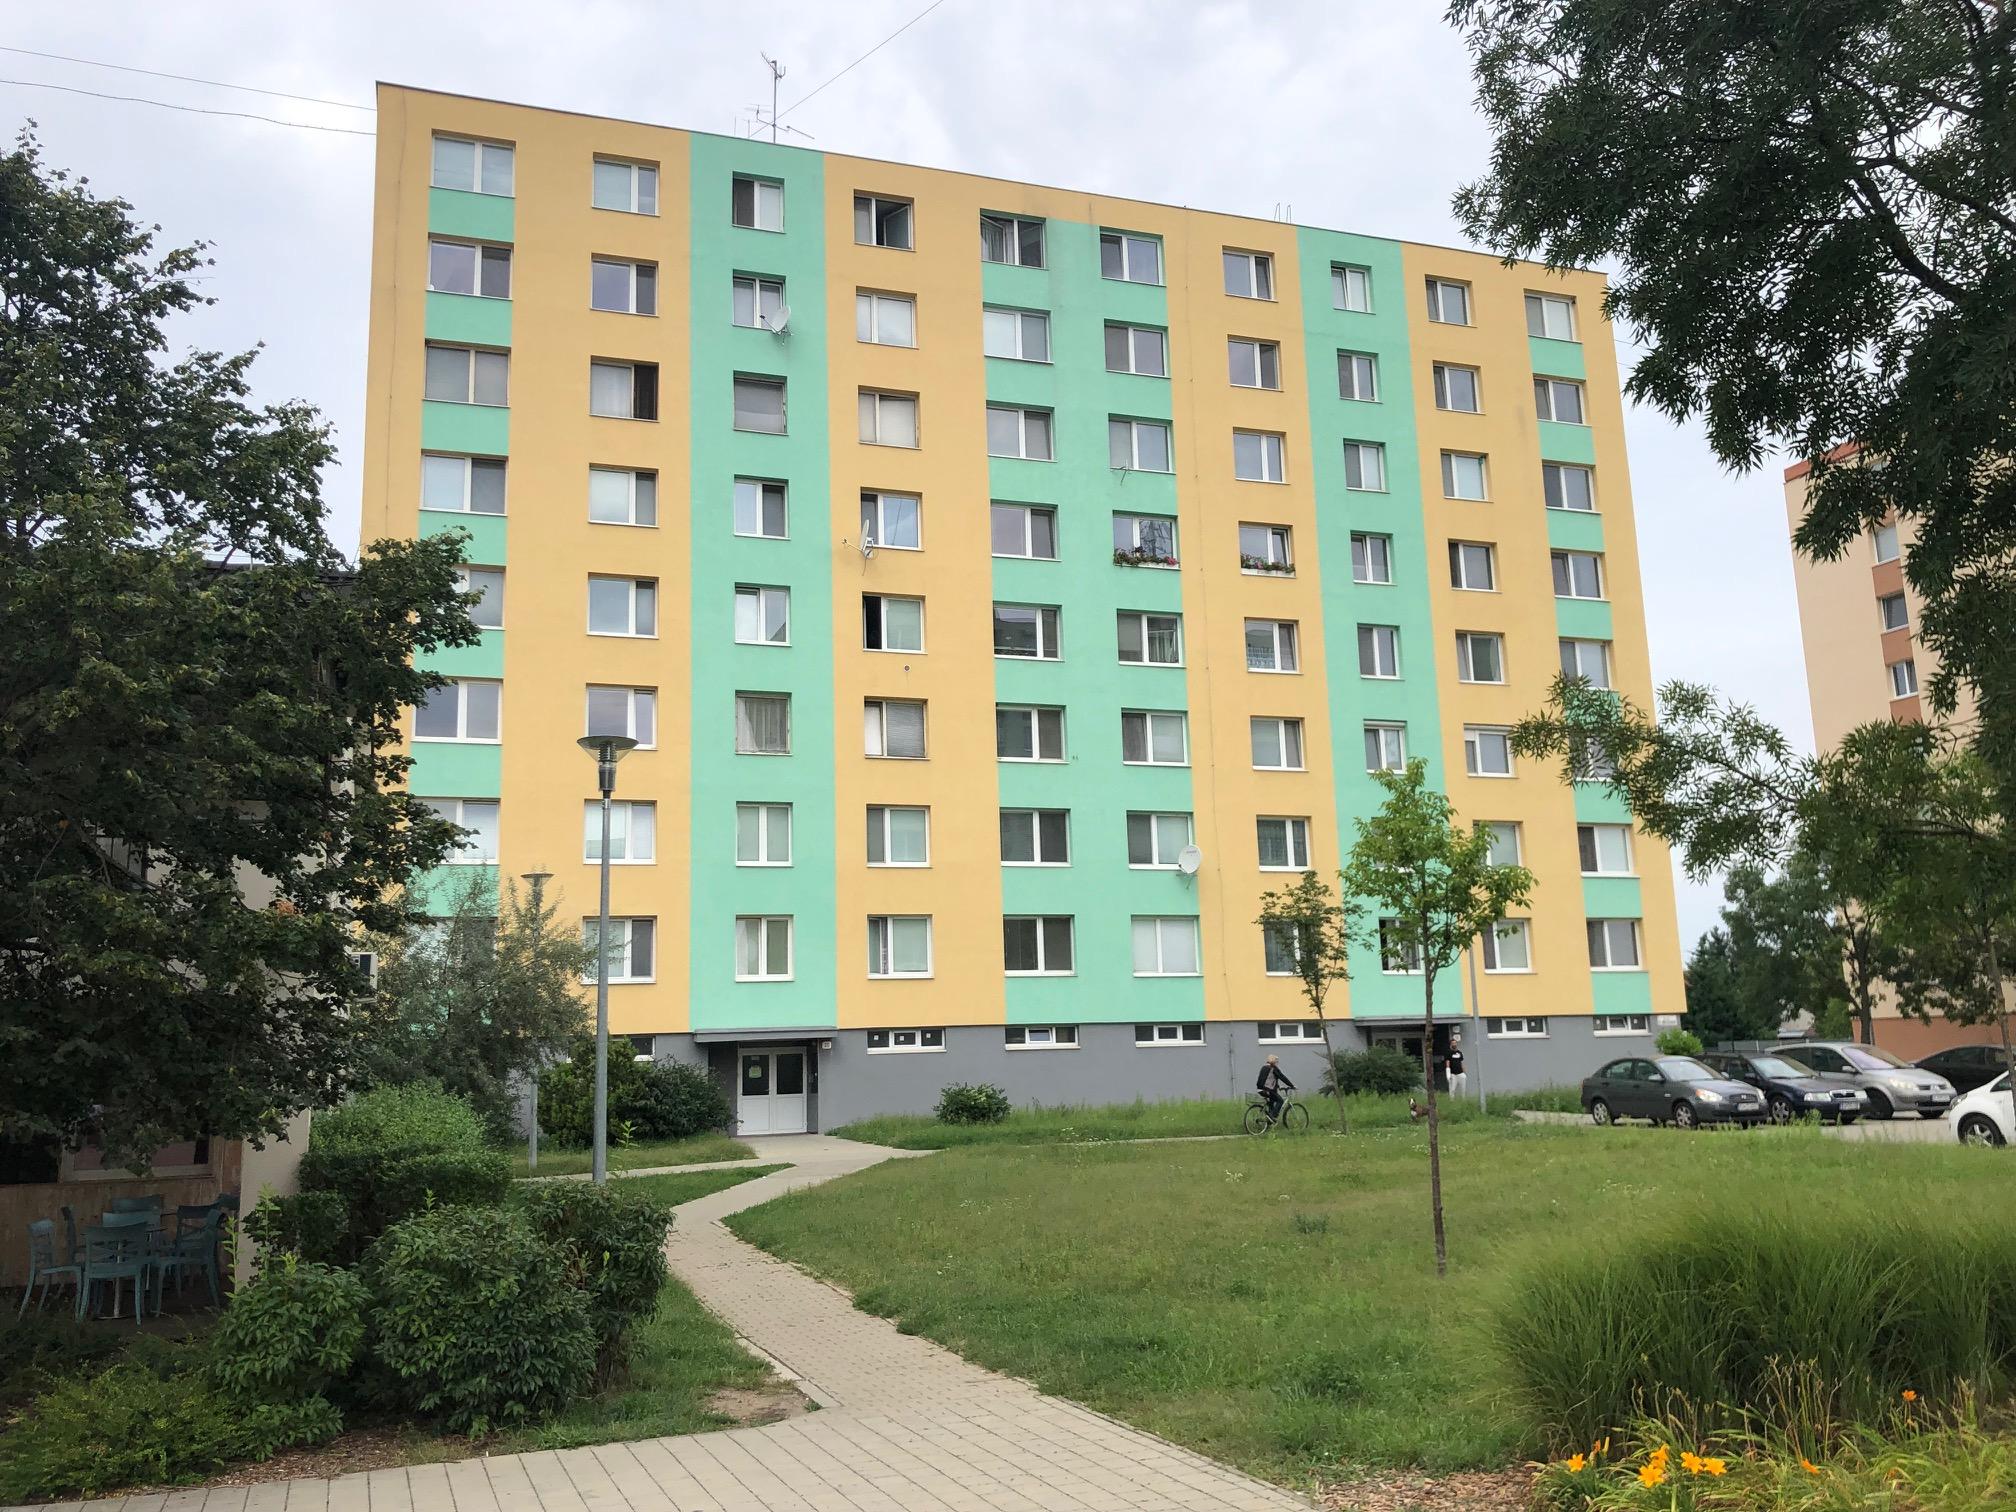 Predané: 2 izbový byt, 52m2, pivnica, pôvodný stav, Skuteckého, Malacky Juh-1